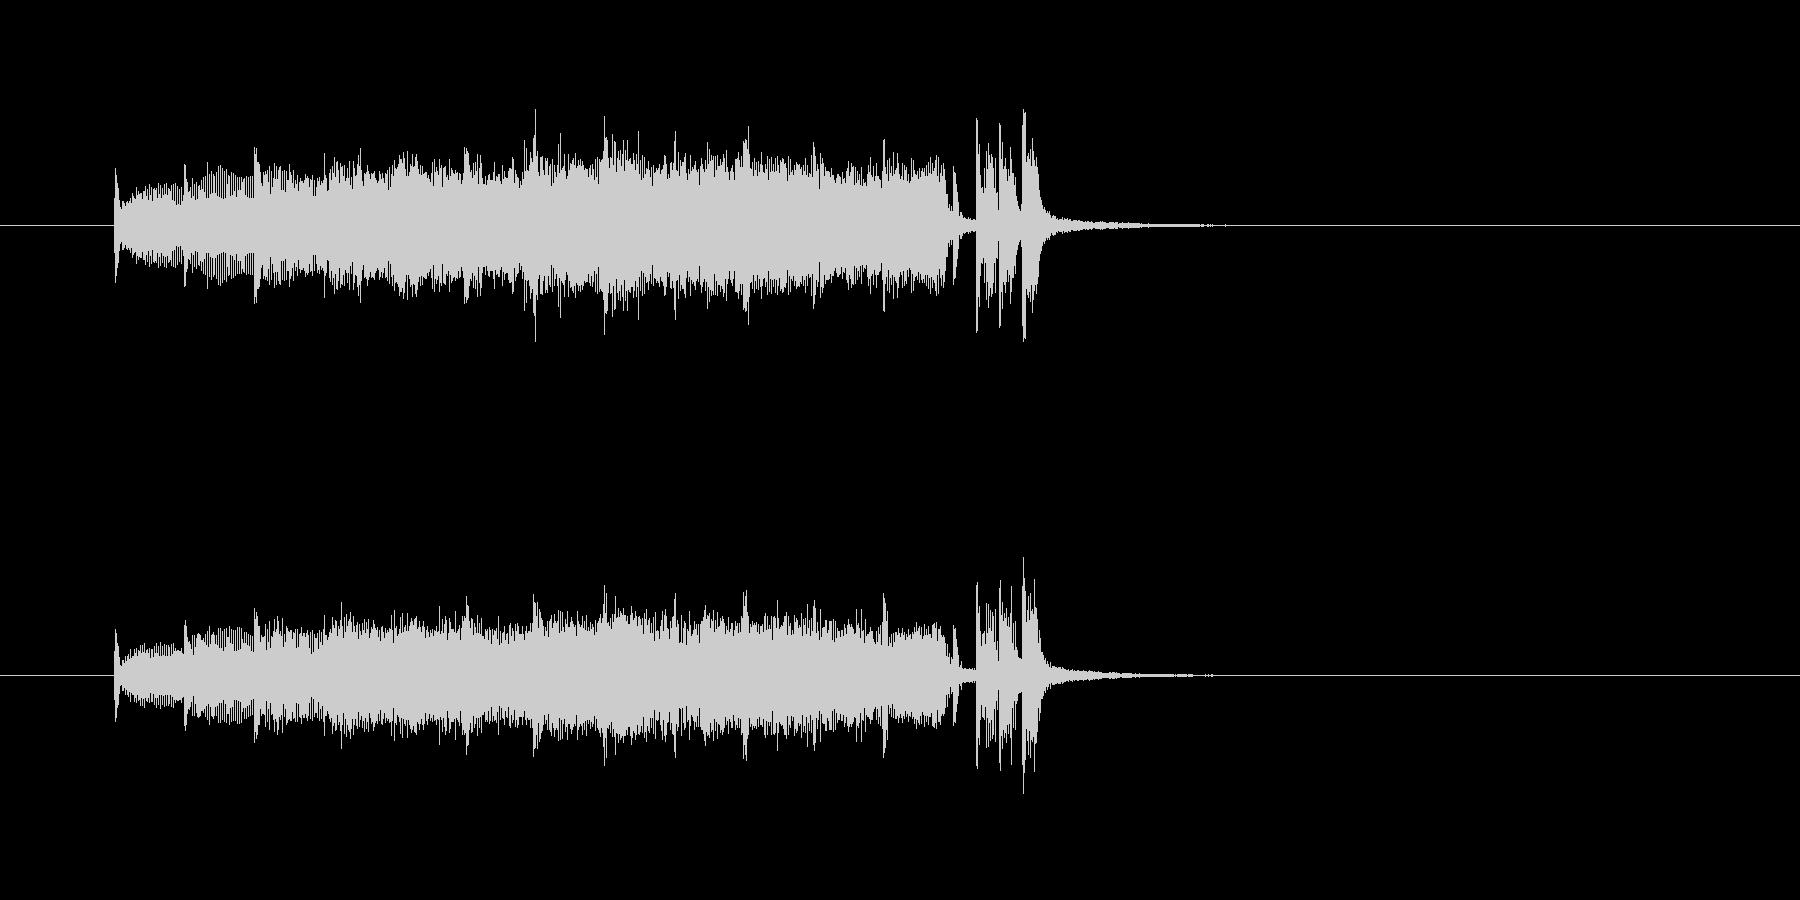 金管楽器 壮大 報道 ニュース わくわくの未再生の波形